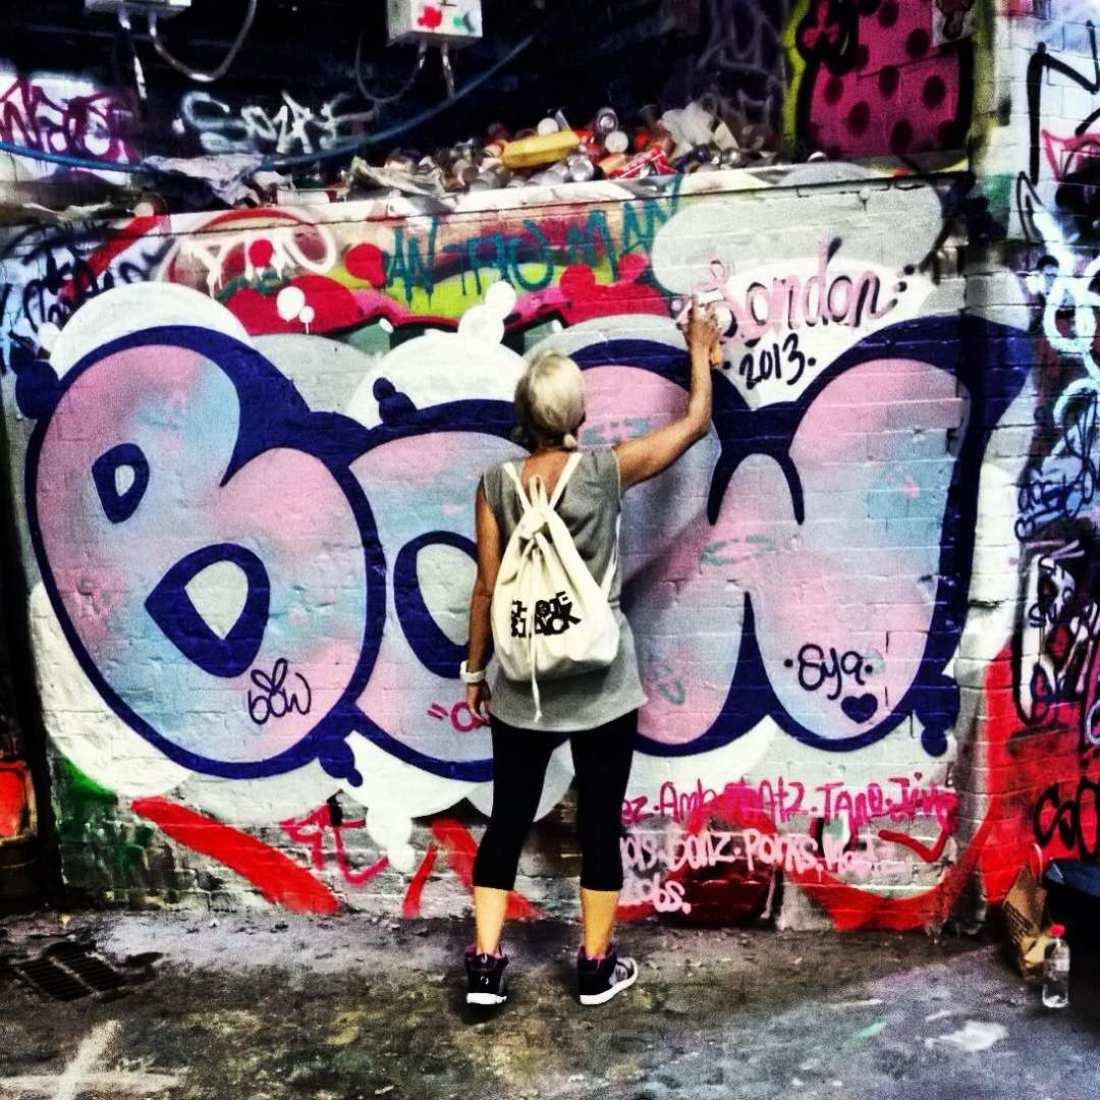 Φυλάκιση σε νεαρό που έφτιαχνε γκράφιτι στα Χανιά, παρόλο που είχε άδεια από τον δήμο